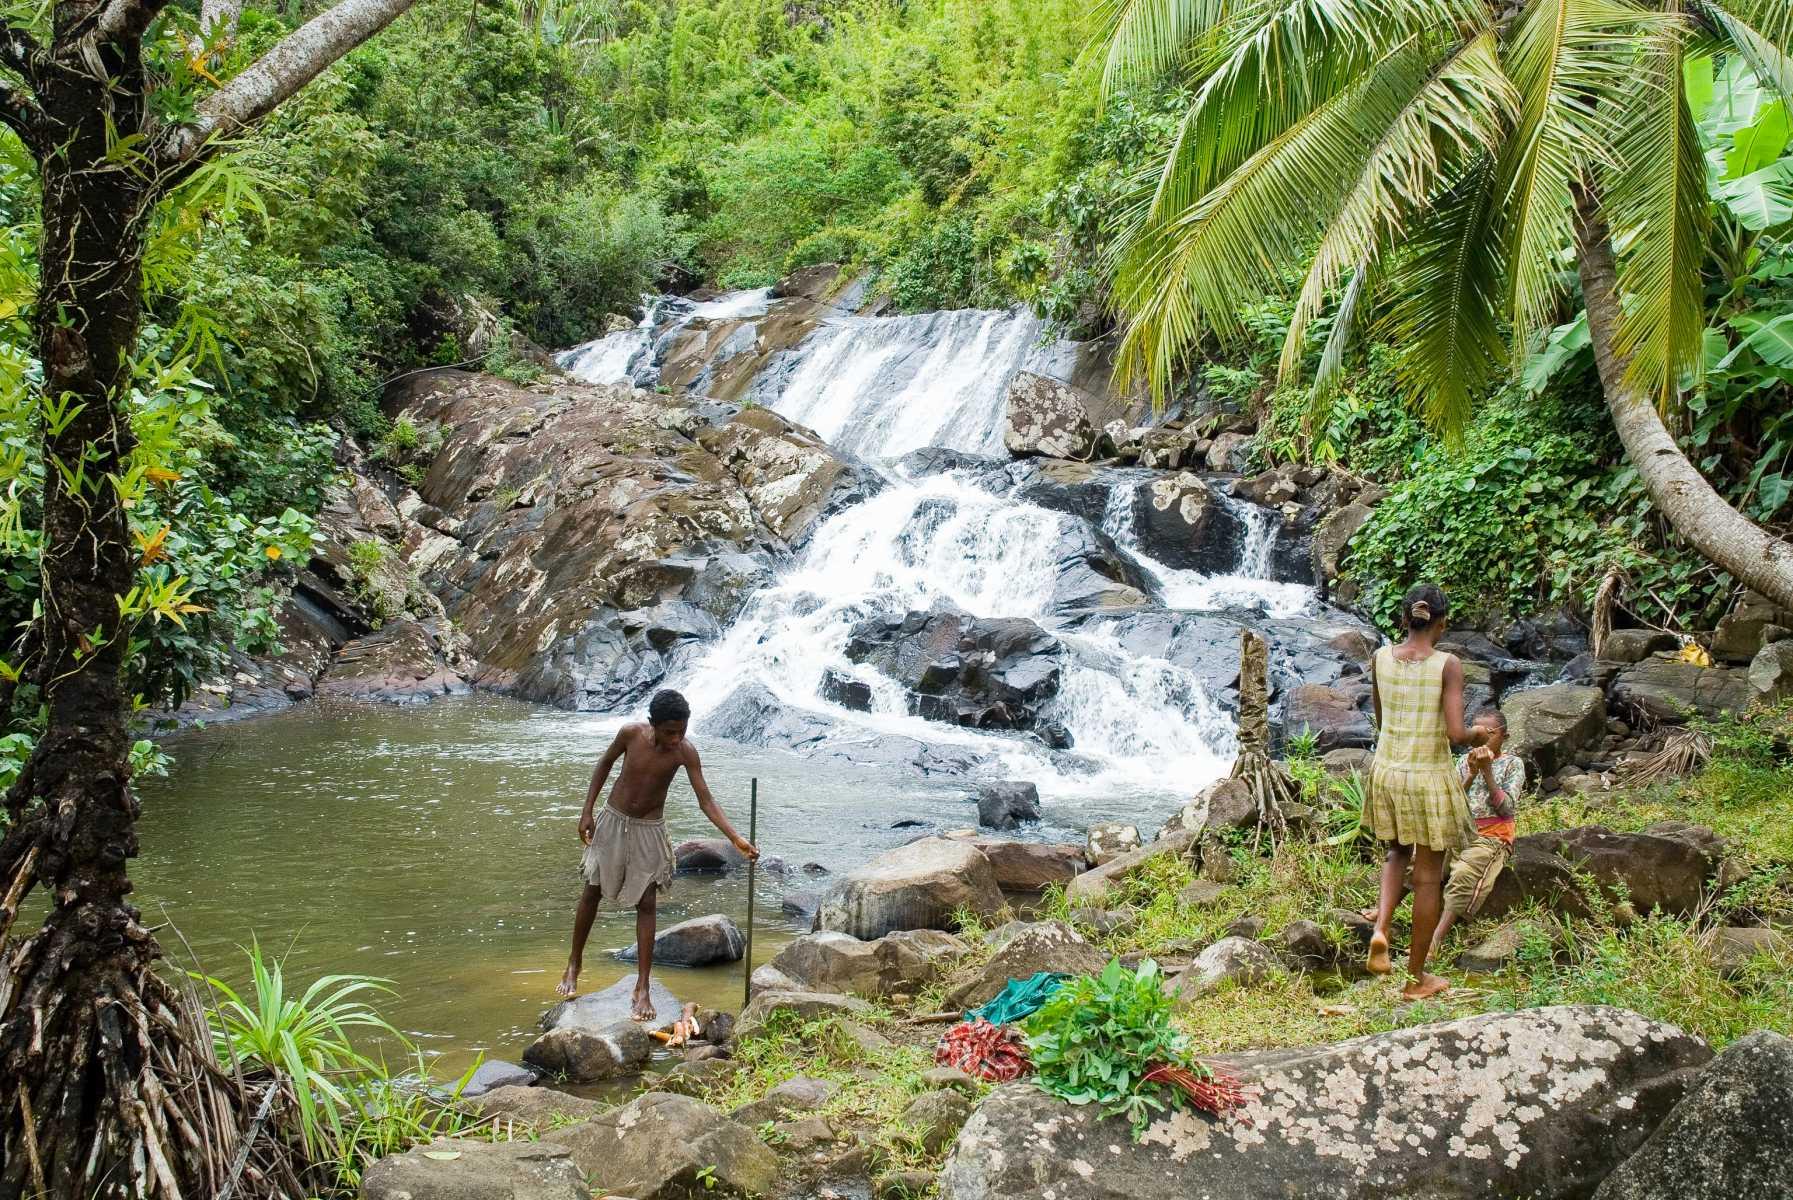 Afrique - Madagascar- Sainte-Marie - Au coeur de l'île, la jungle déroule bassins, cascades et hameaux enfouis dans la verdure.